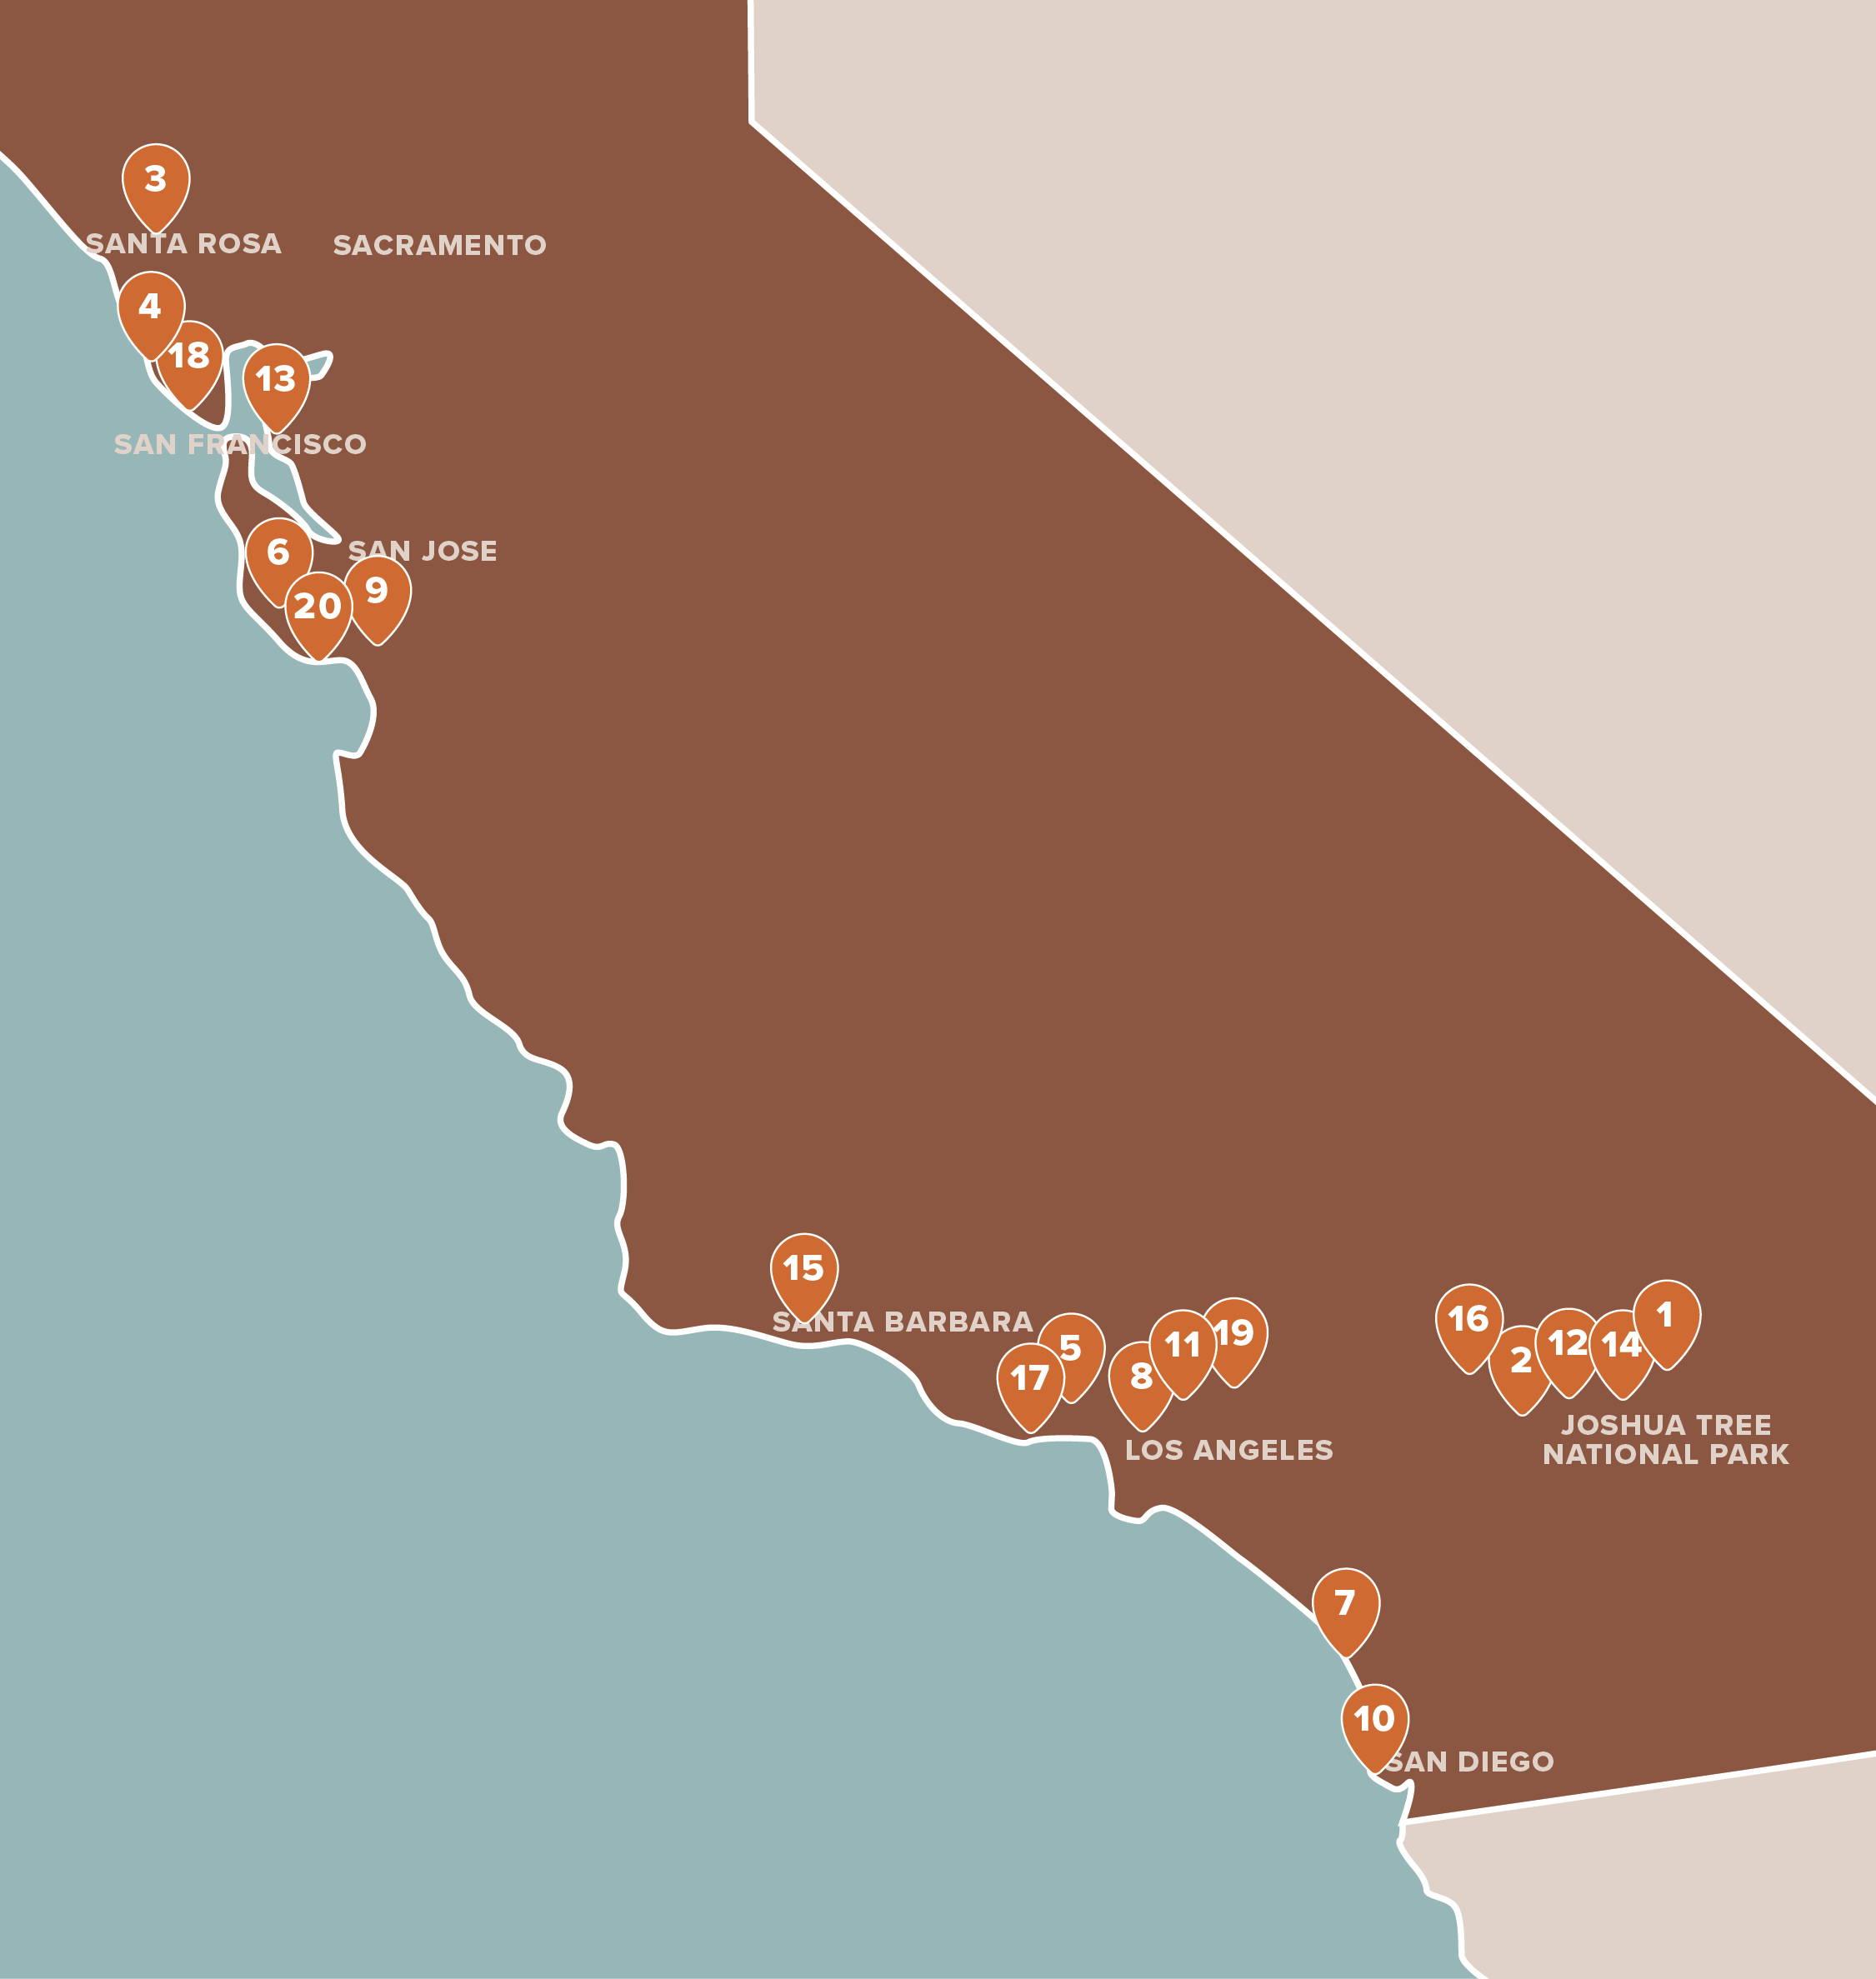 20 unique properties across California